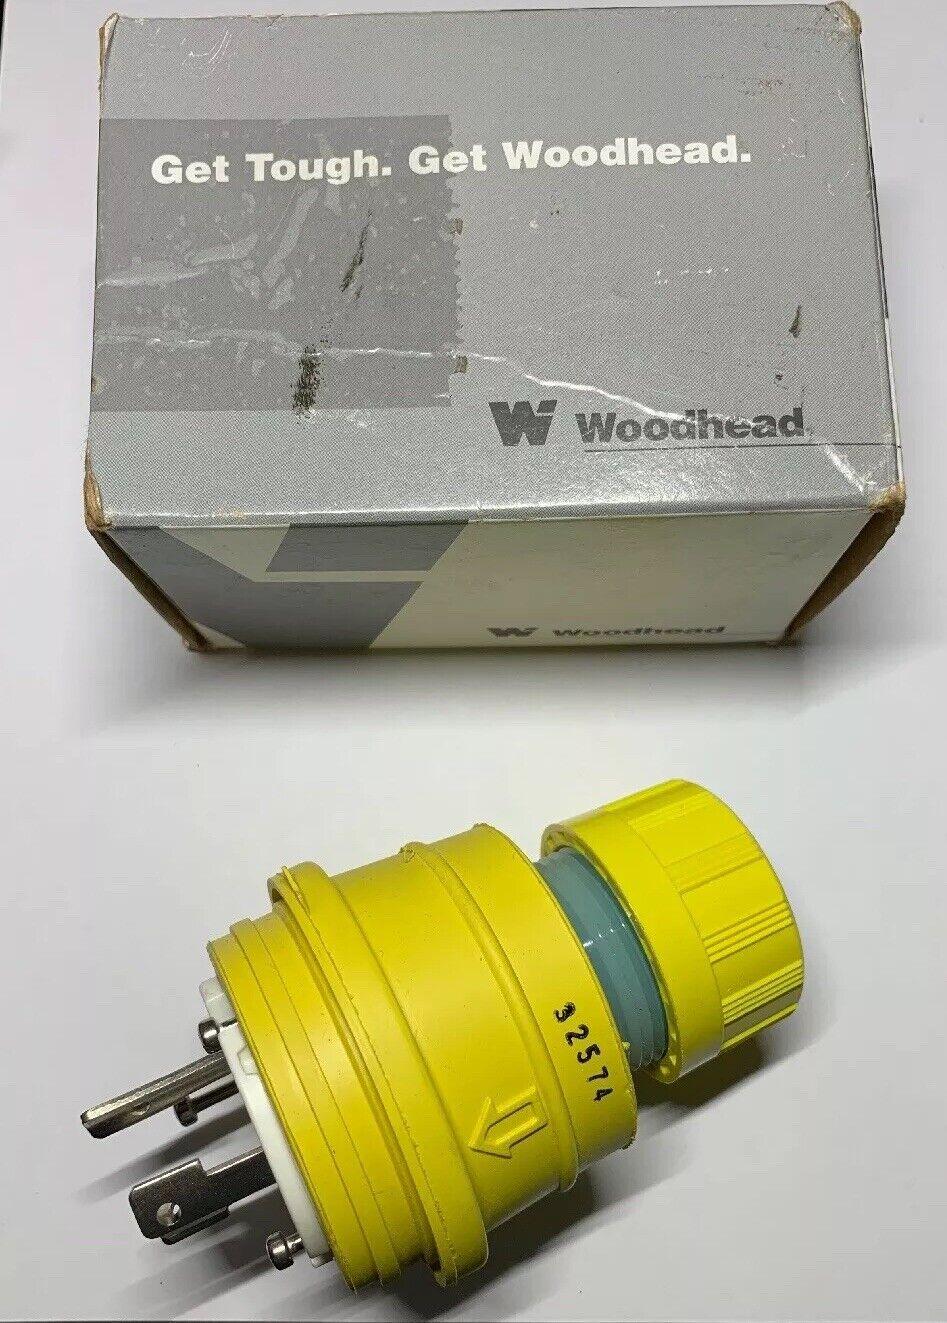 Woodhead 1301470029 Plug-Watertite Turnexwatert Nema L-16 20 20A 3PH 480V T14896